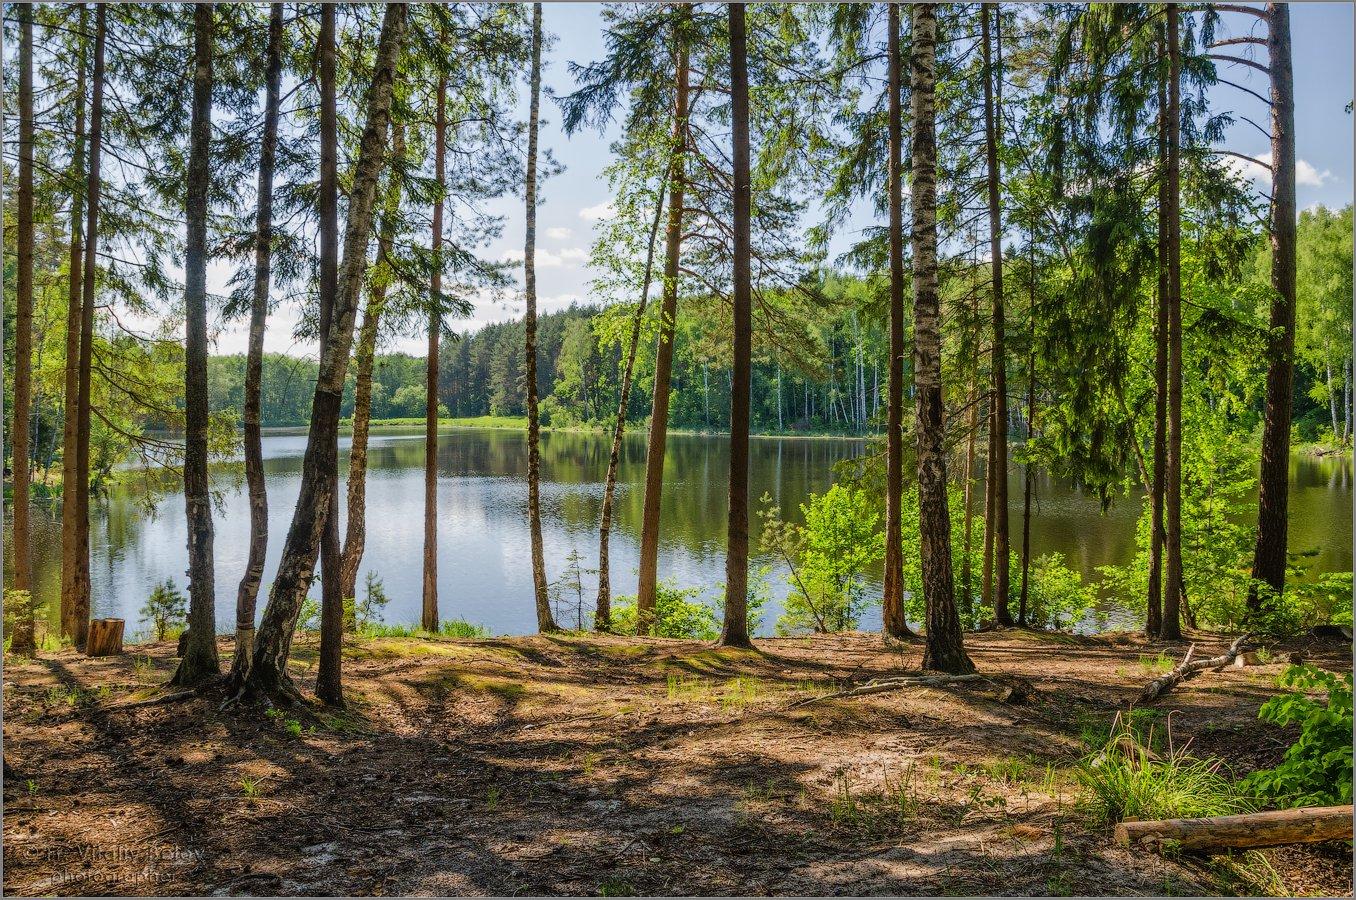 Весенний лес у озера (снимок сделан 23 мая 2018 г.)